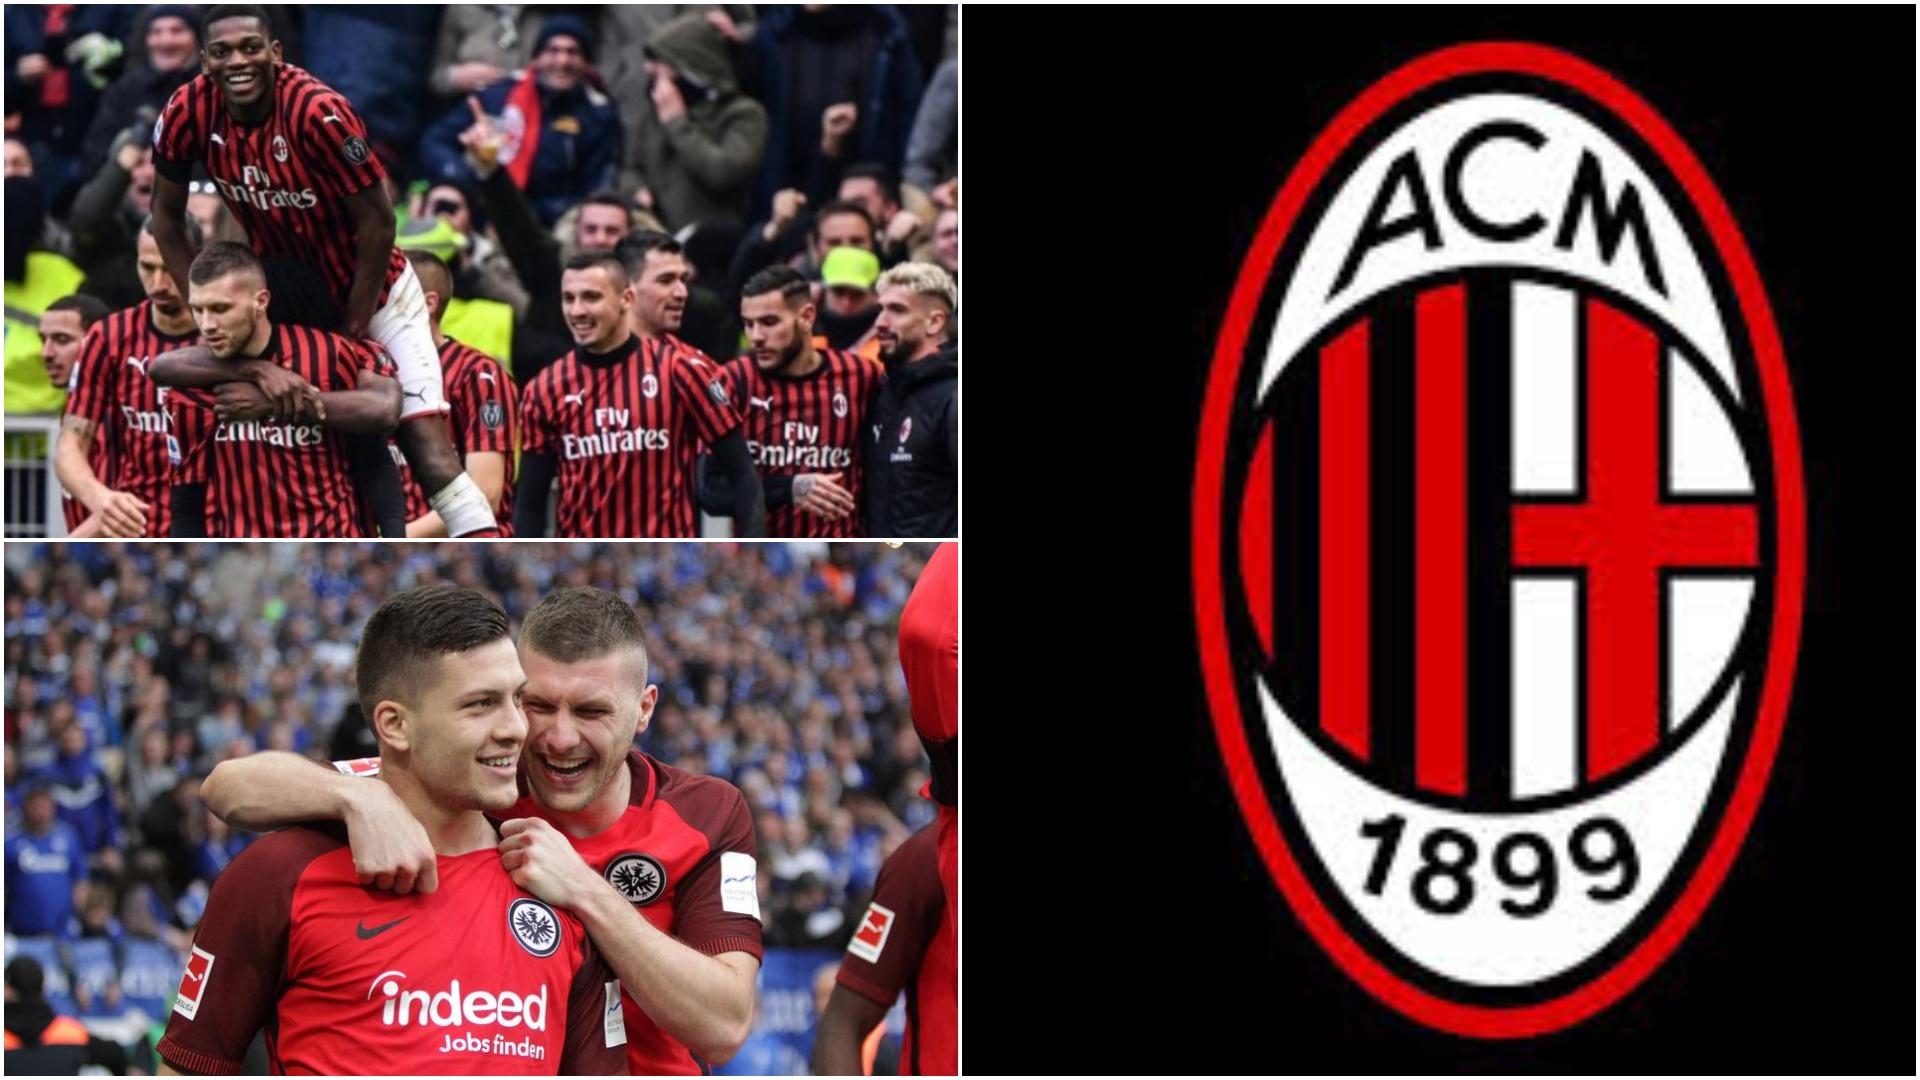 Gëzim kuqezi: Jovic pranon kalimin te Milani, dy shkaqet e përgjigjes pozitive